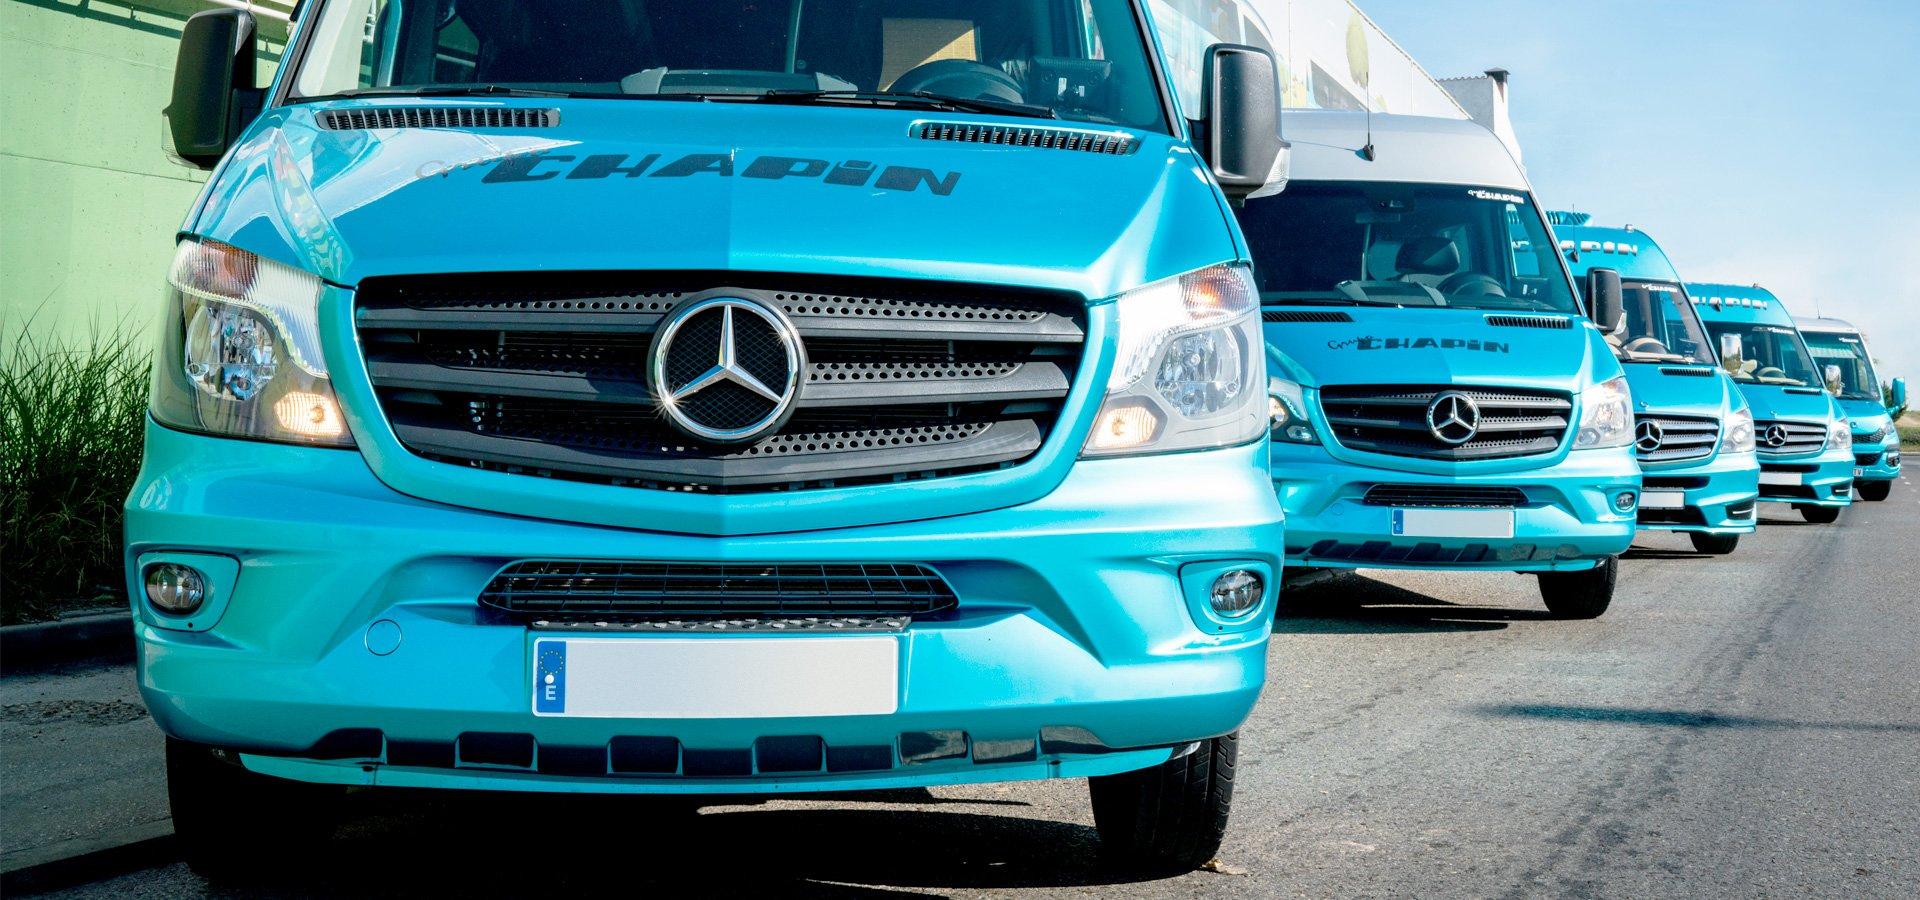 Grupo Chapín, autocares y autobuses